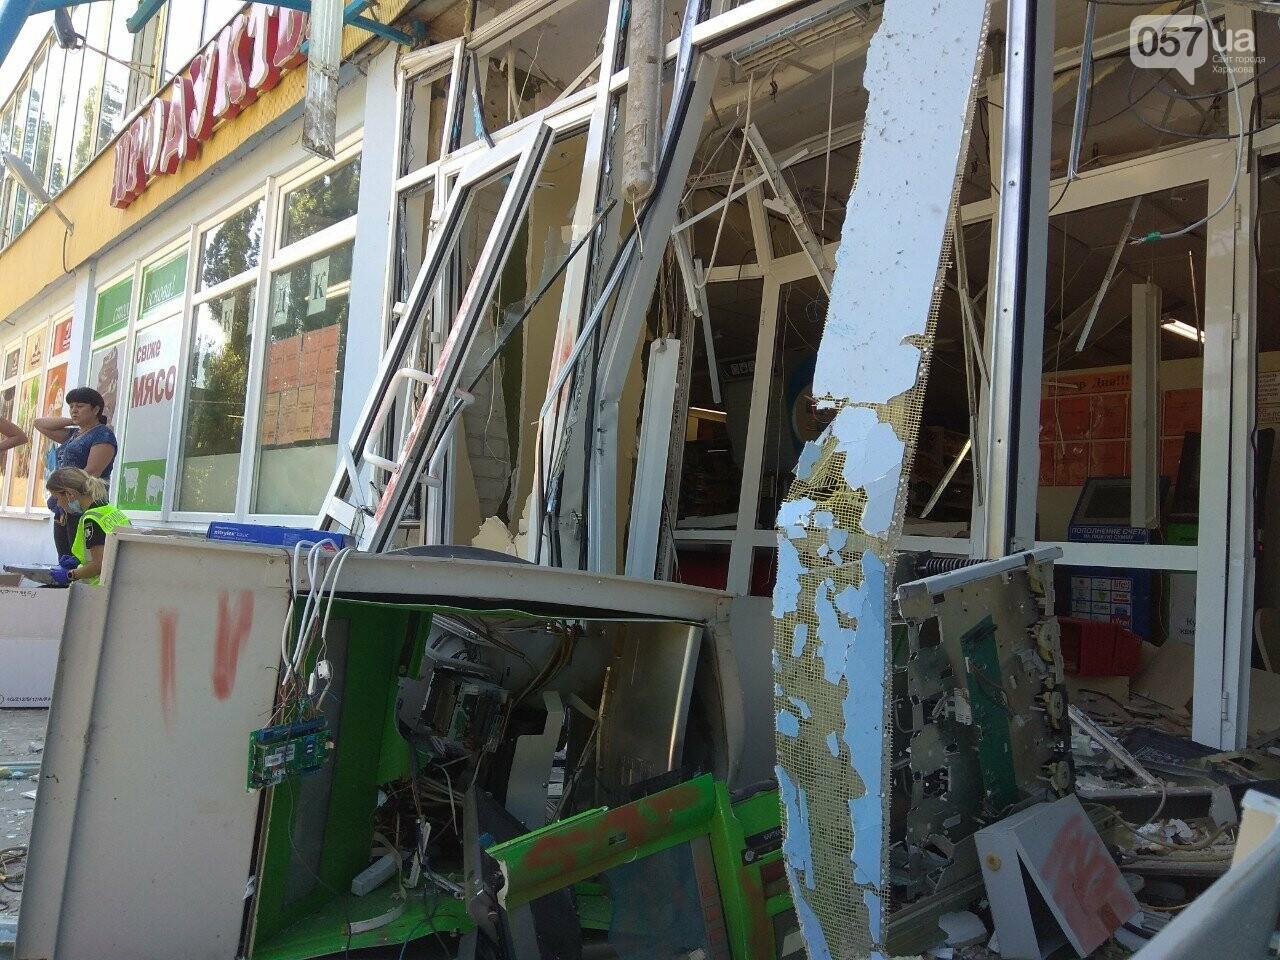 Взрыв банкомата на Алексеевке: неизвестные нанесли магазину убыток на 200 тысяч гривен, - ВИДЕО, фото-9